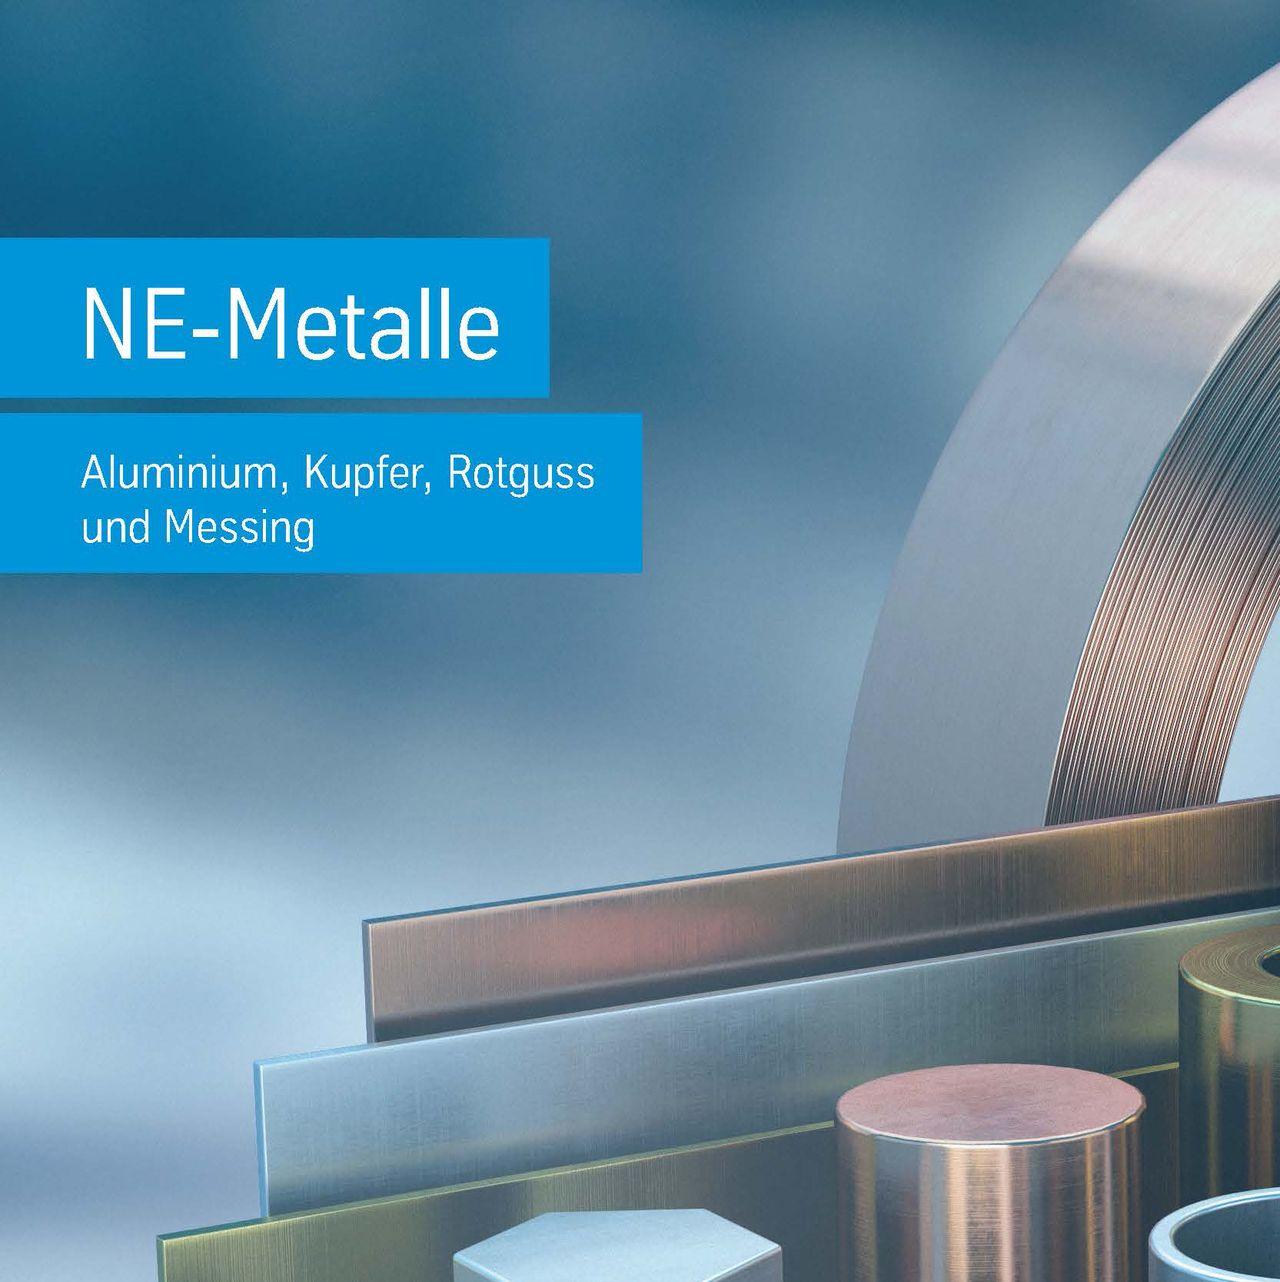 Ne-Metalle